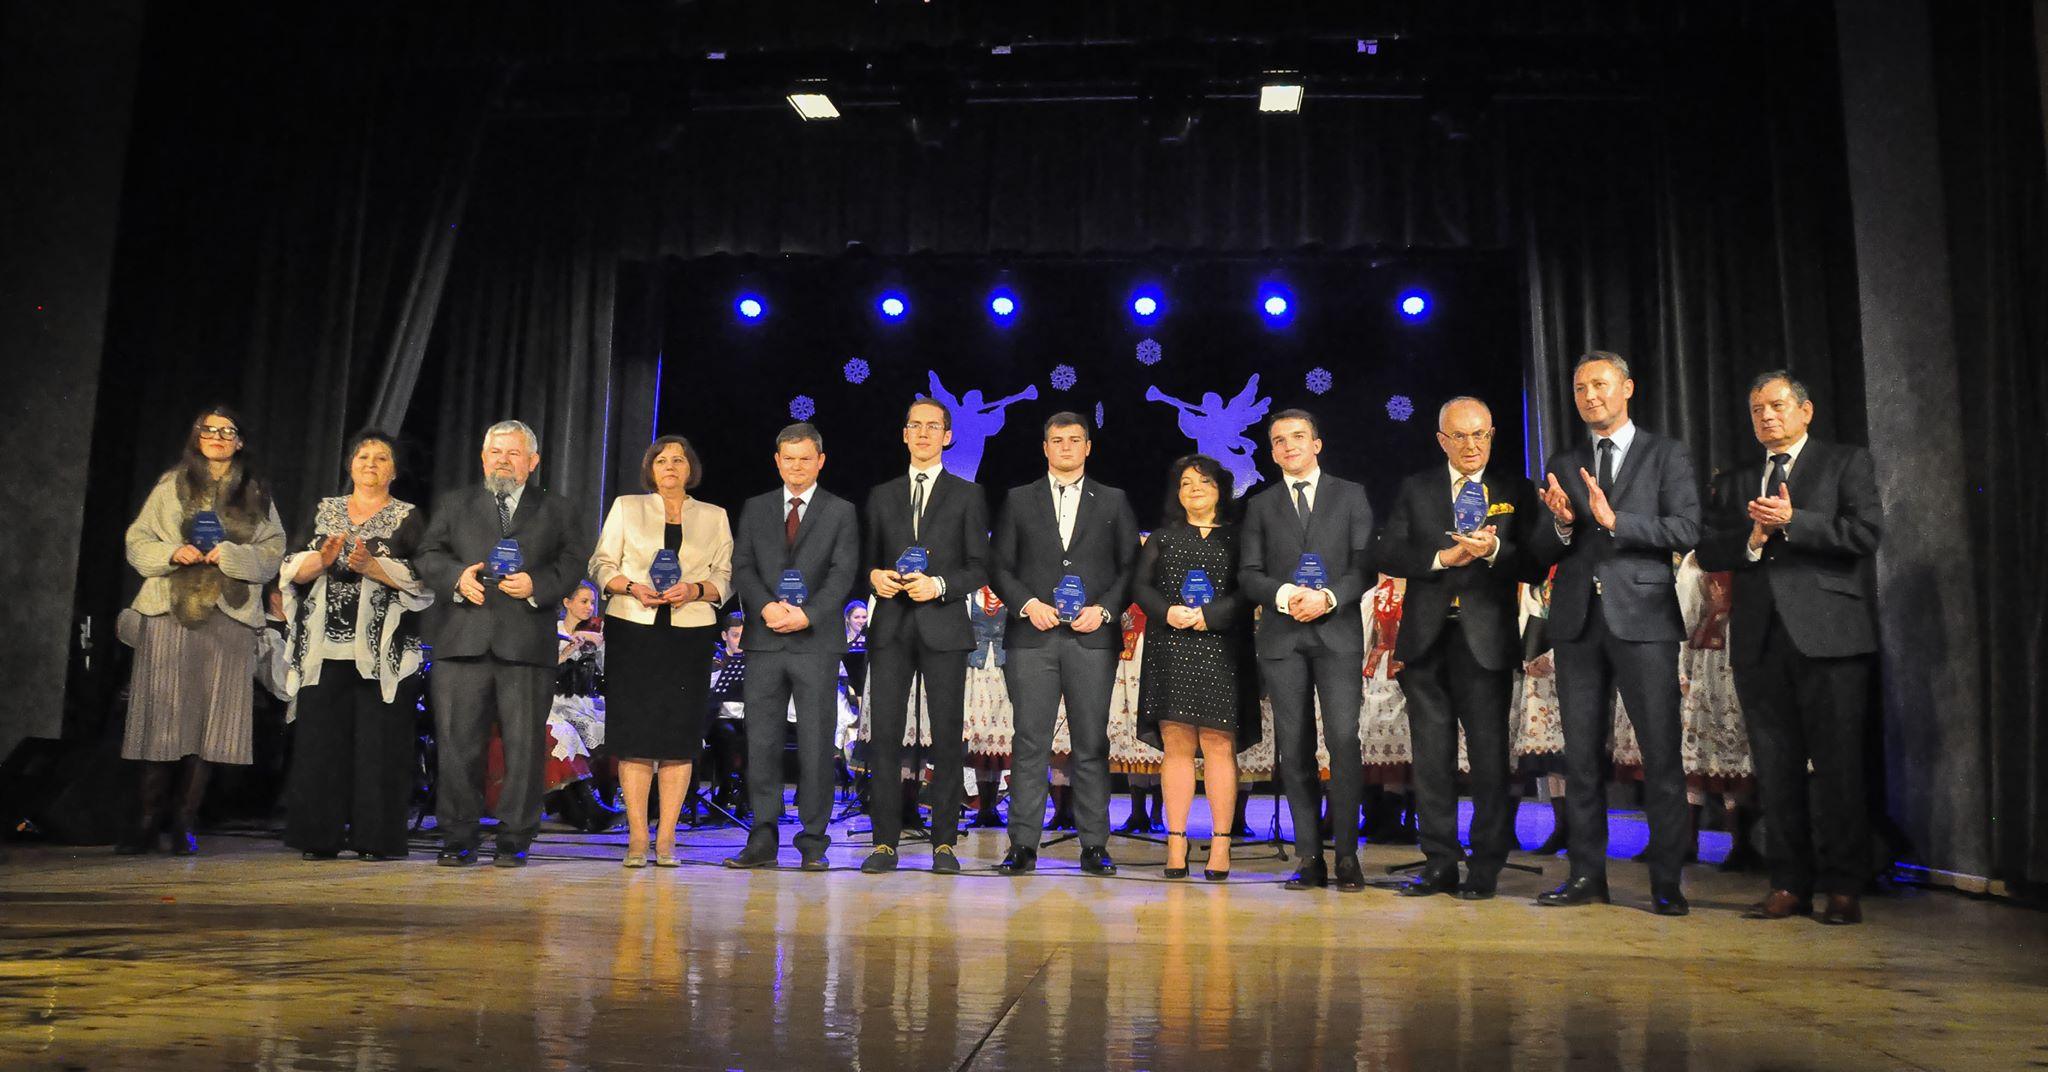 Znamy laureatów dorocznej nagrody Starosty i Prezydenta Mielca! [FOTO] - Zdjęcie główne